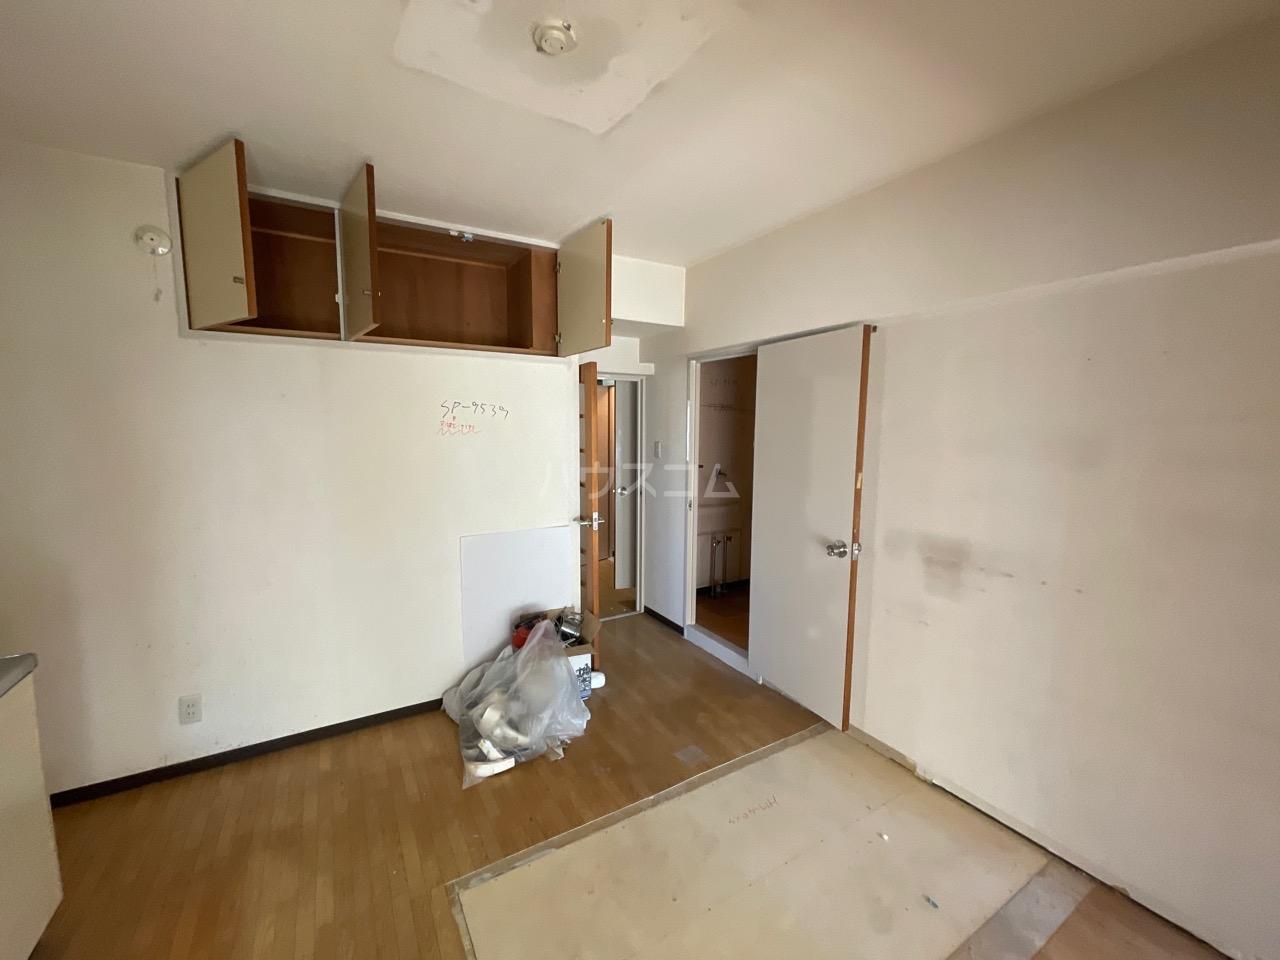 サンヒルズ東戸塚 A103号室のベッドルーム